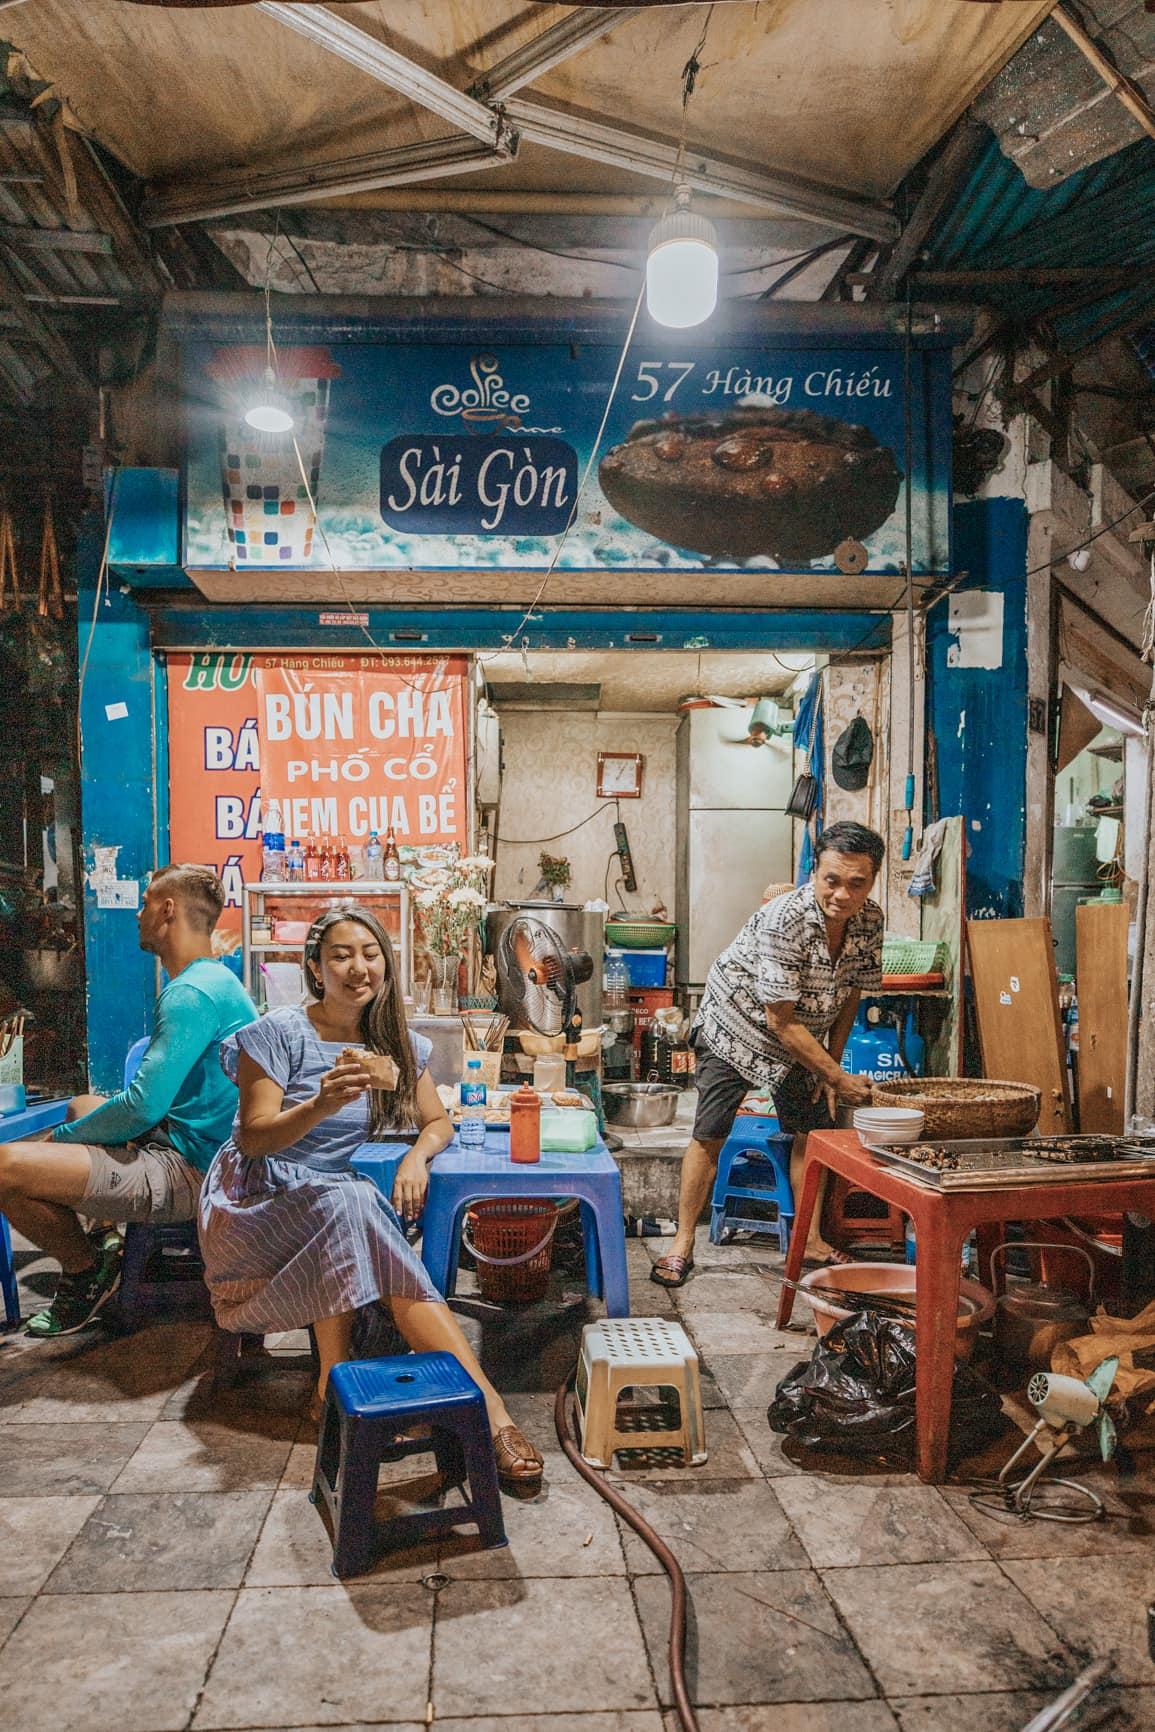 eating street food in hanoi | vietnam travel tips